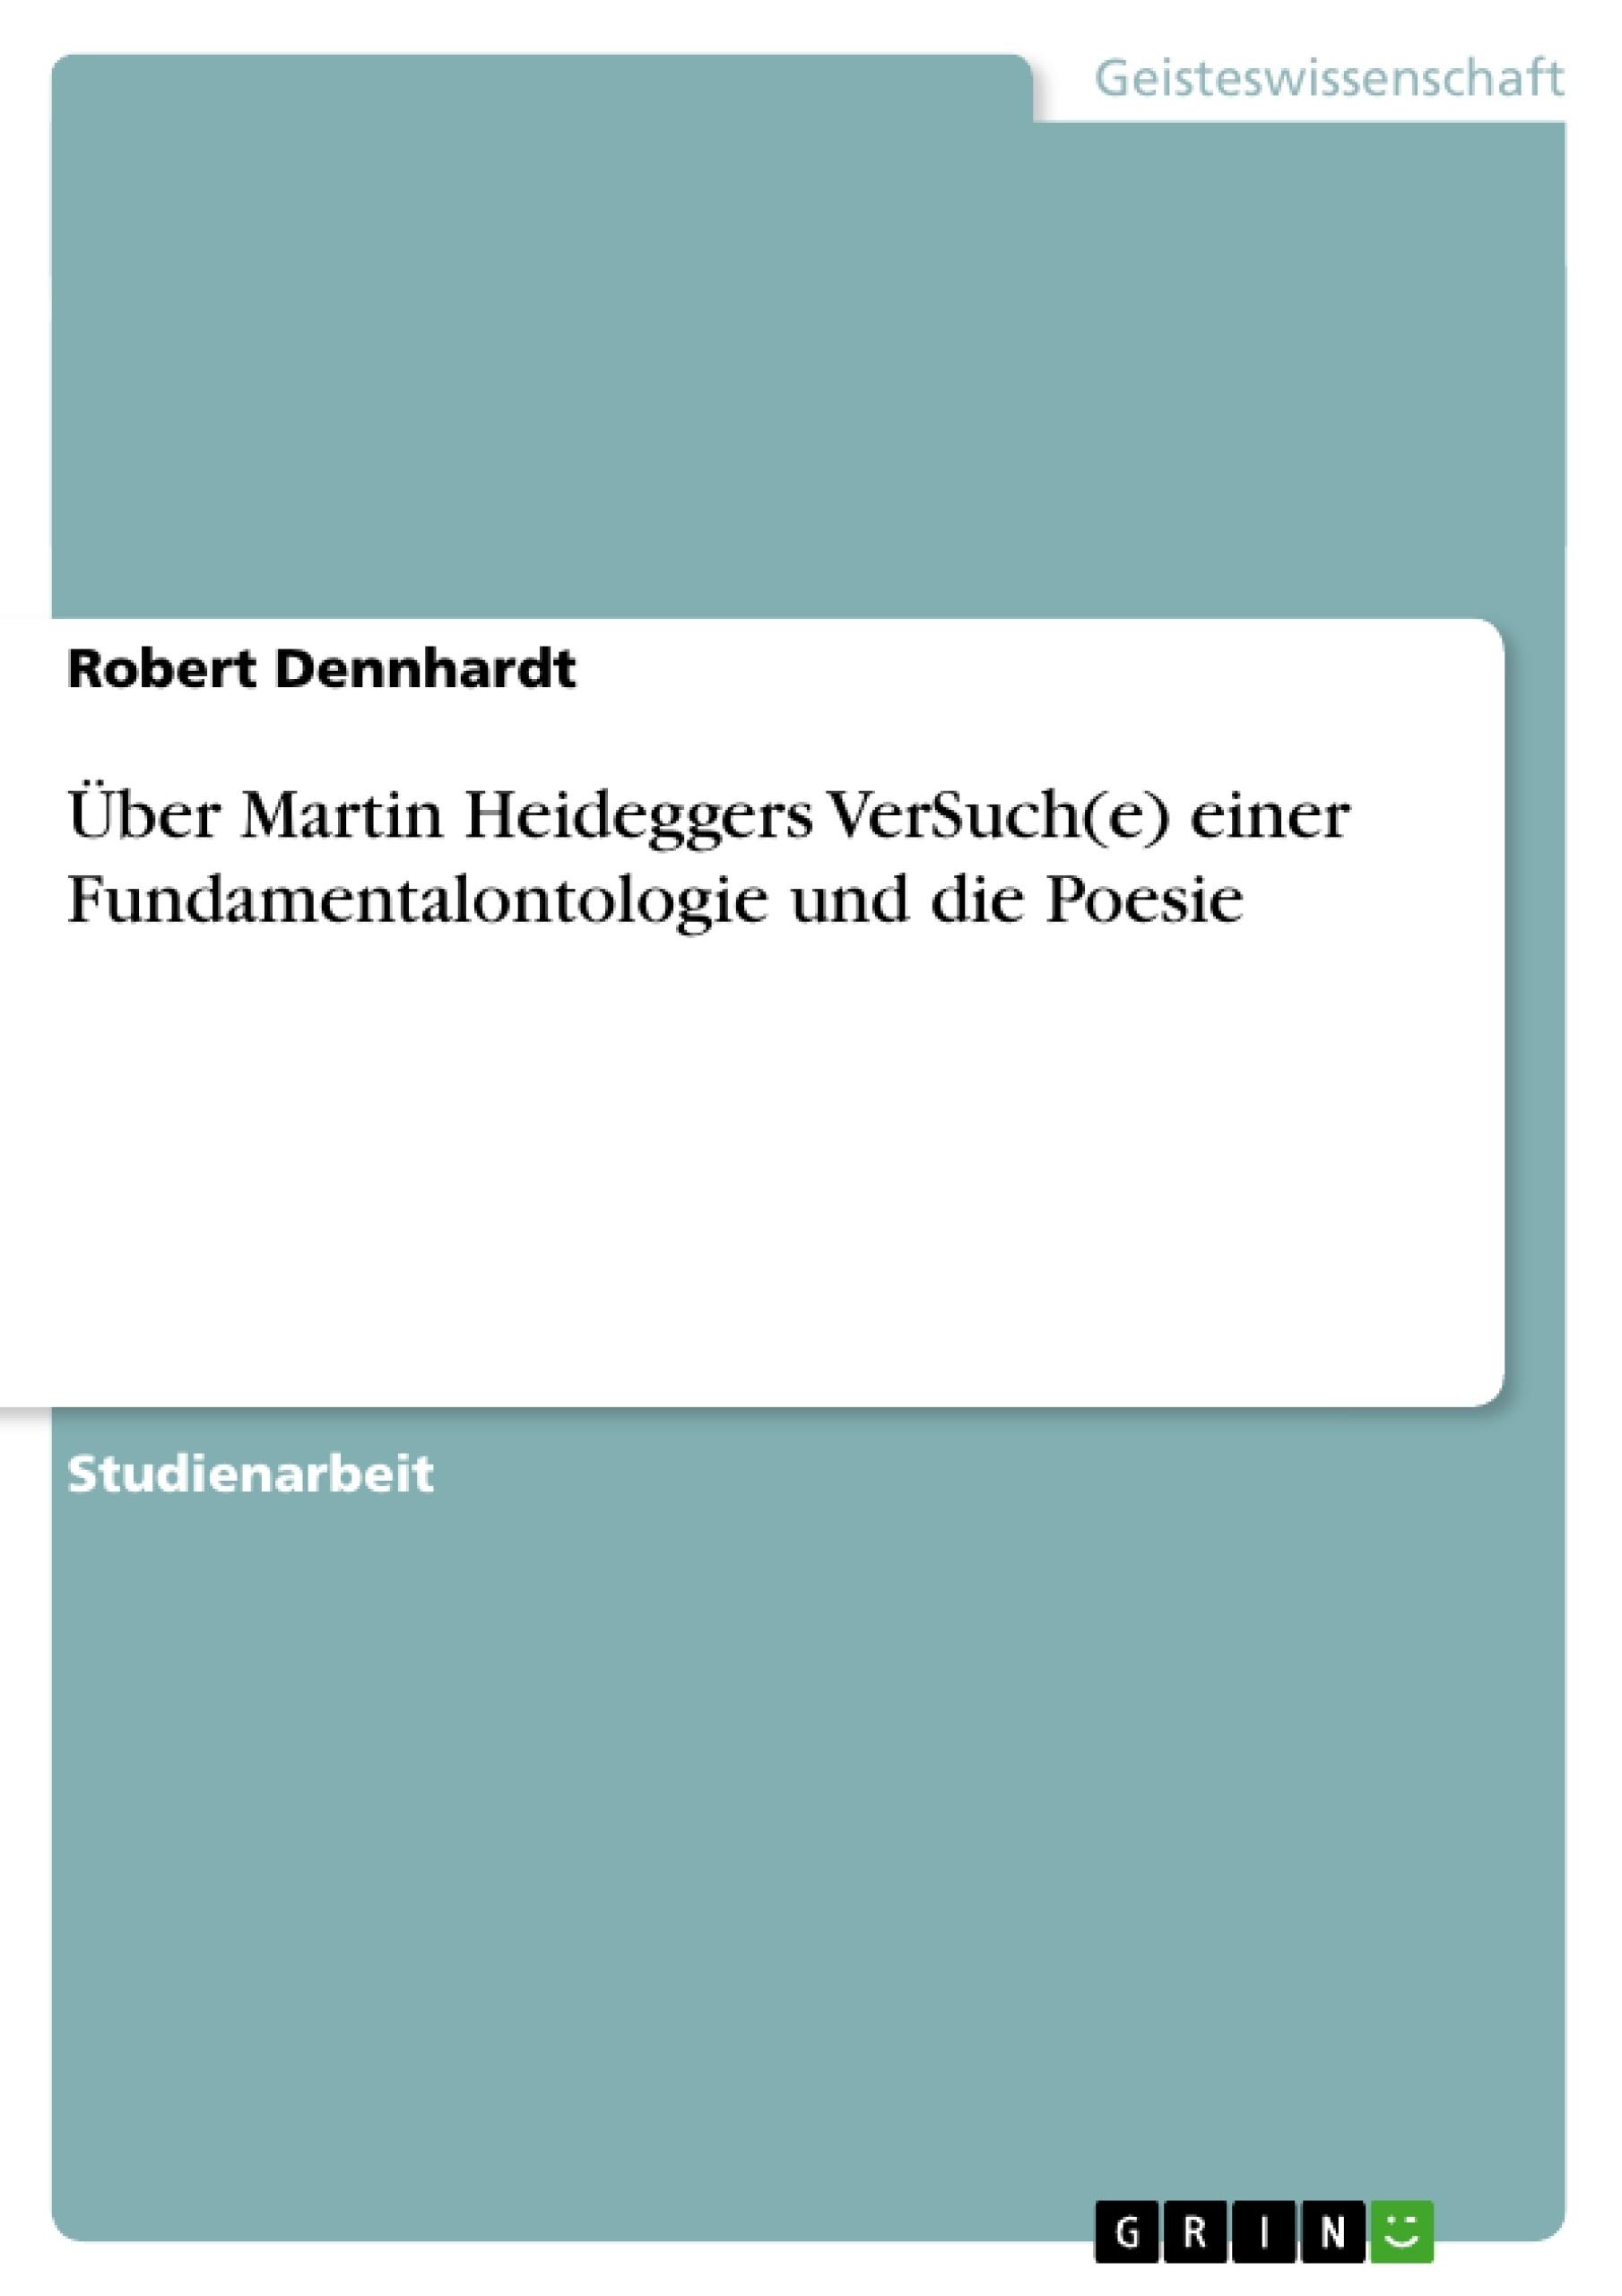 Titel: Über Martin Heideggers VerSuch(e) einer Fundamentalontologie und die Poesie